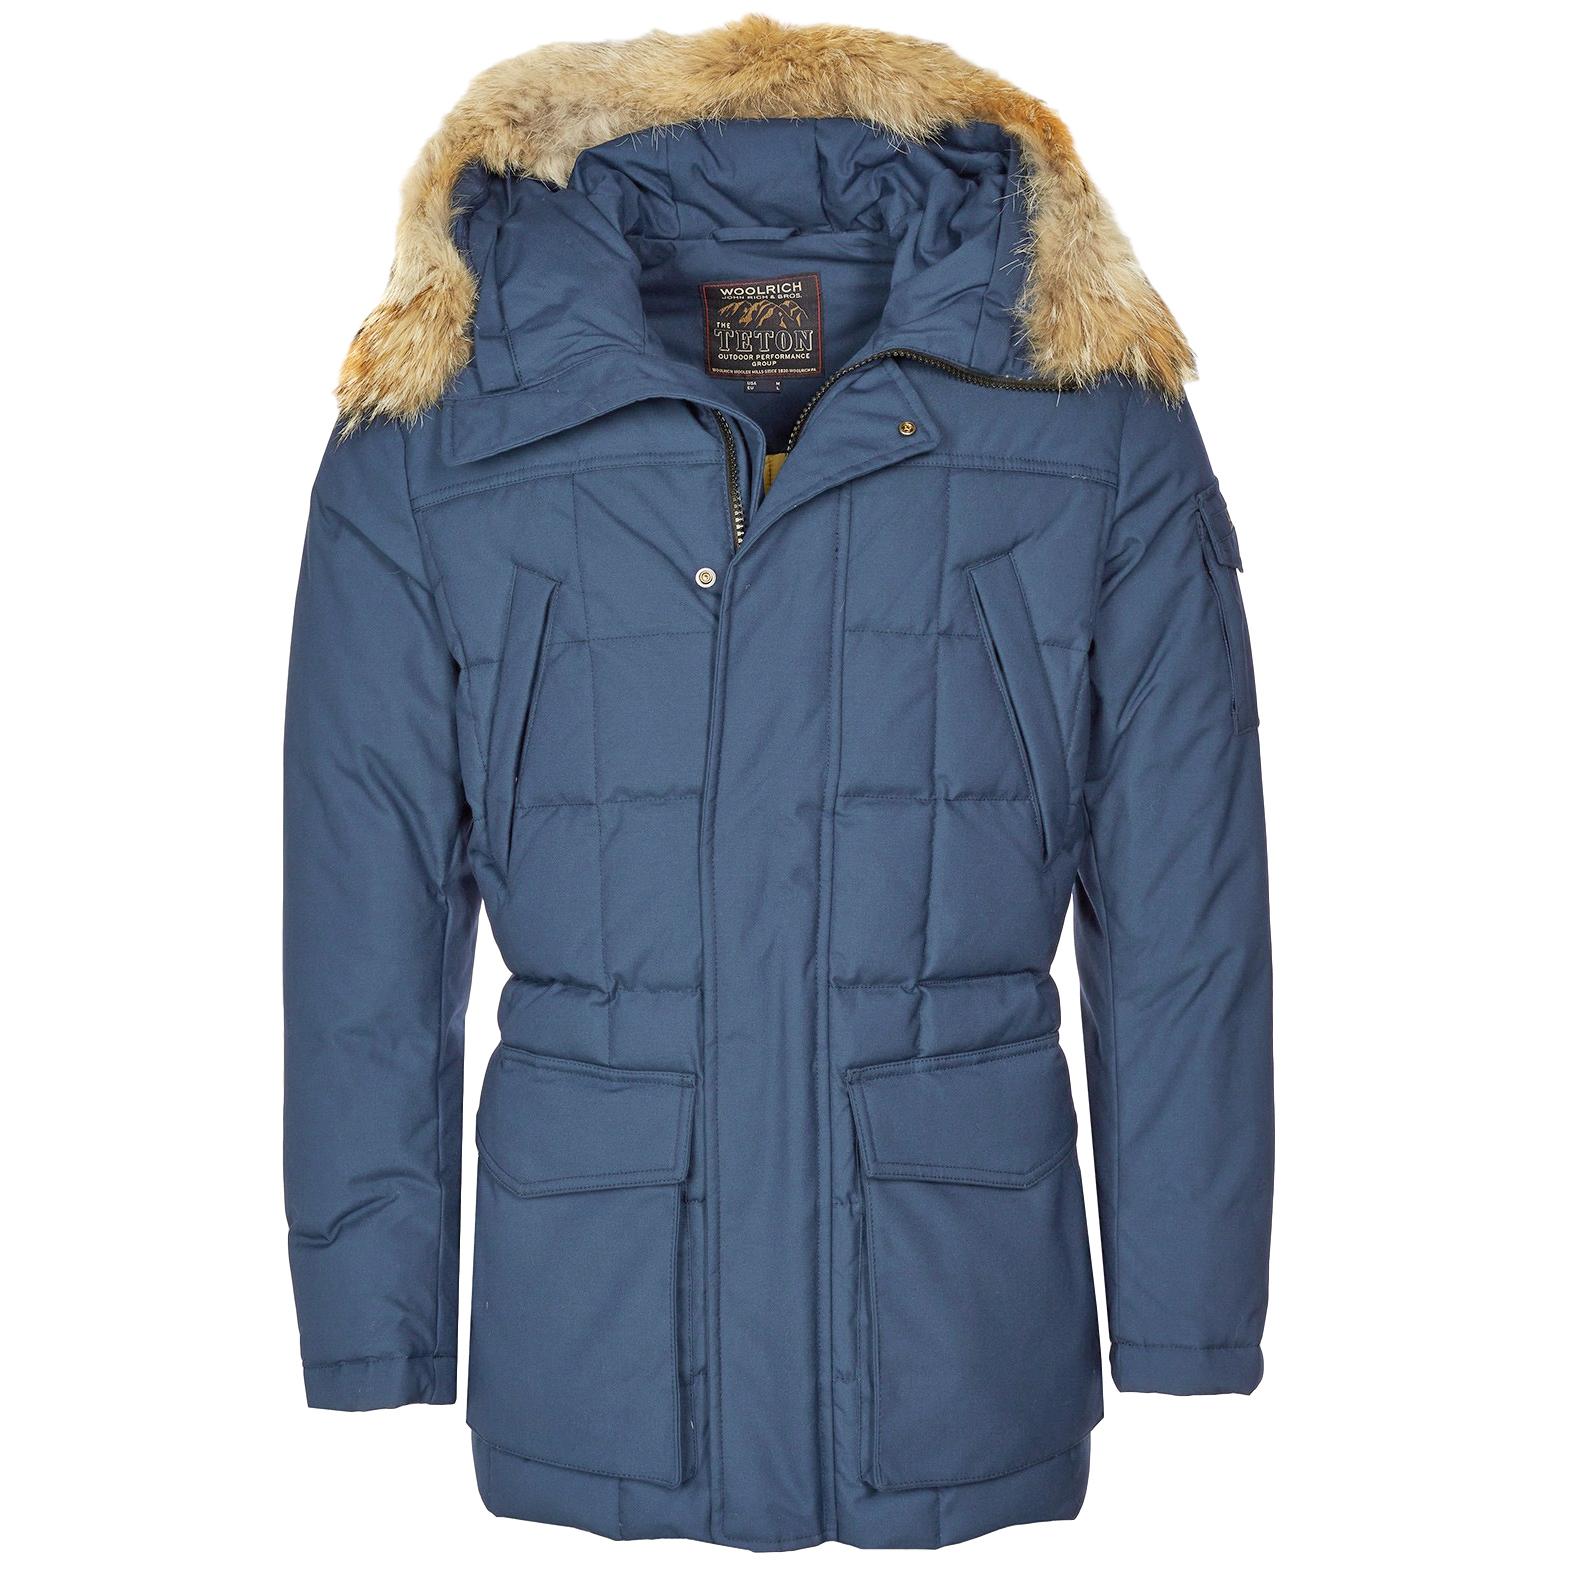 Woolrich Women's Blizzard Parka Jacket